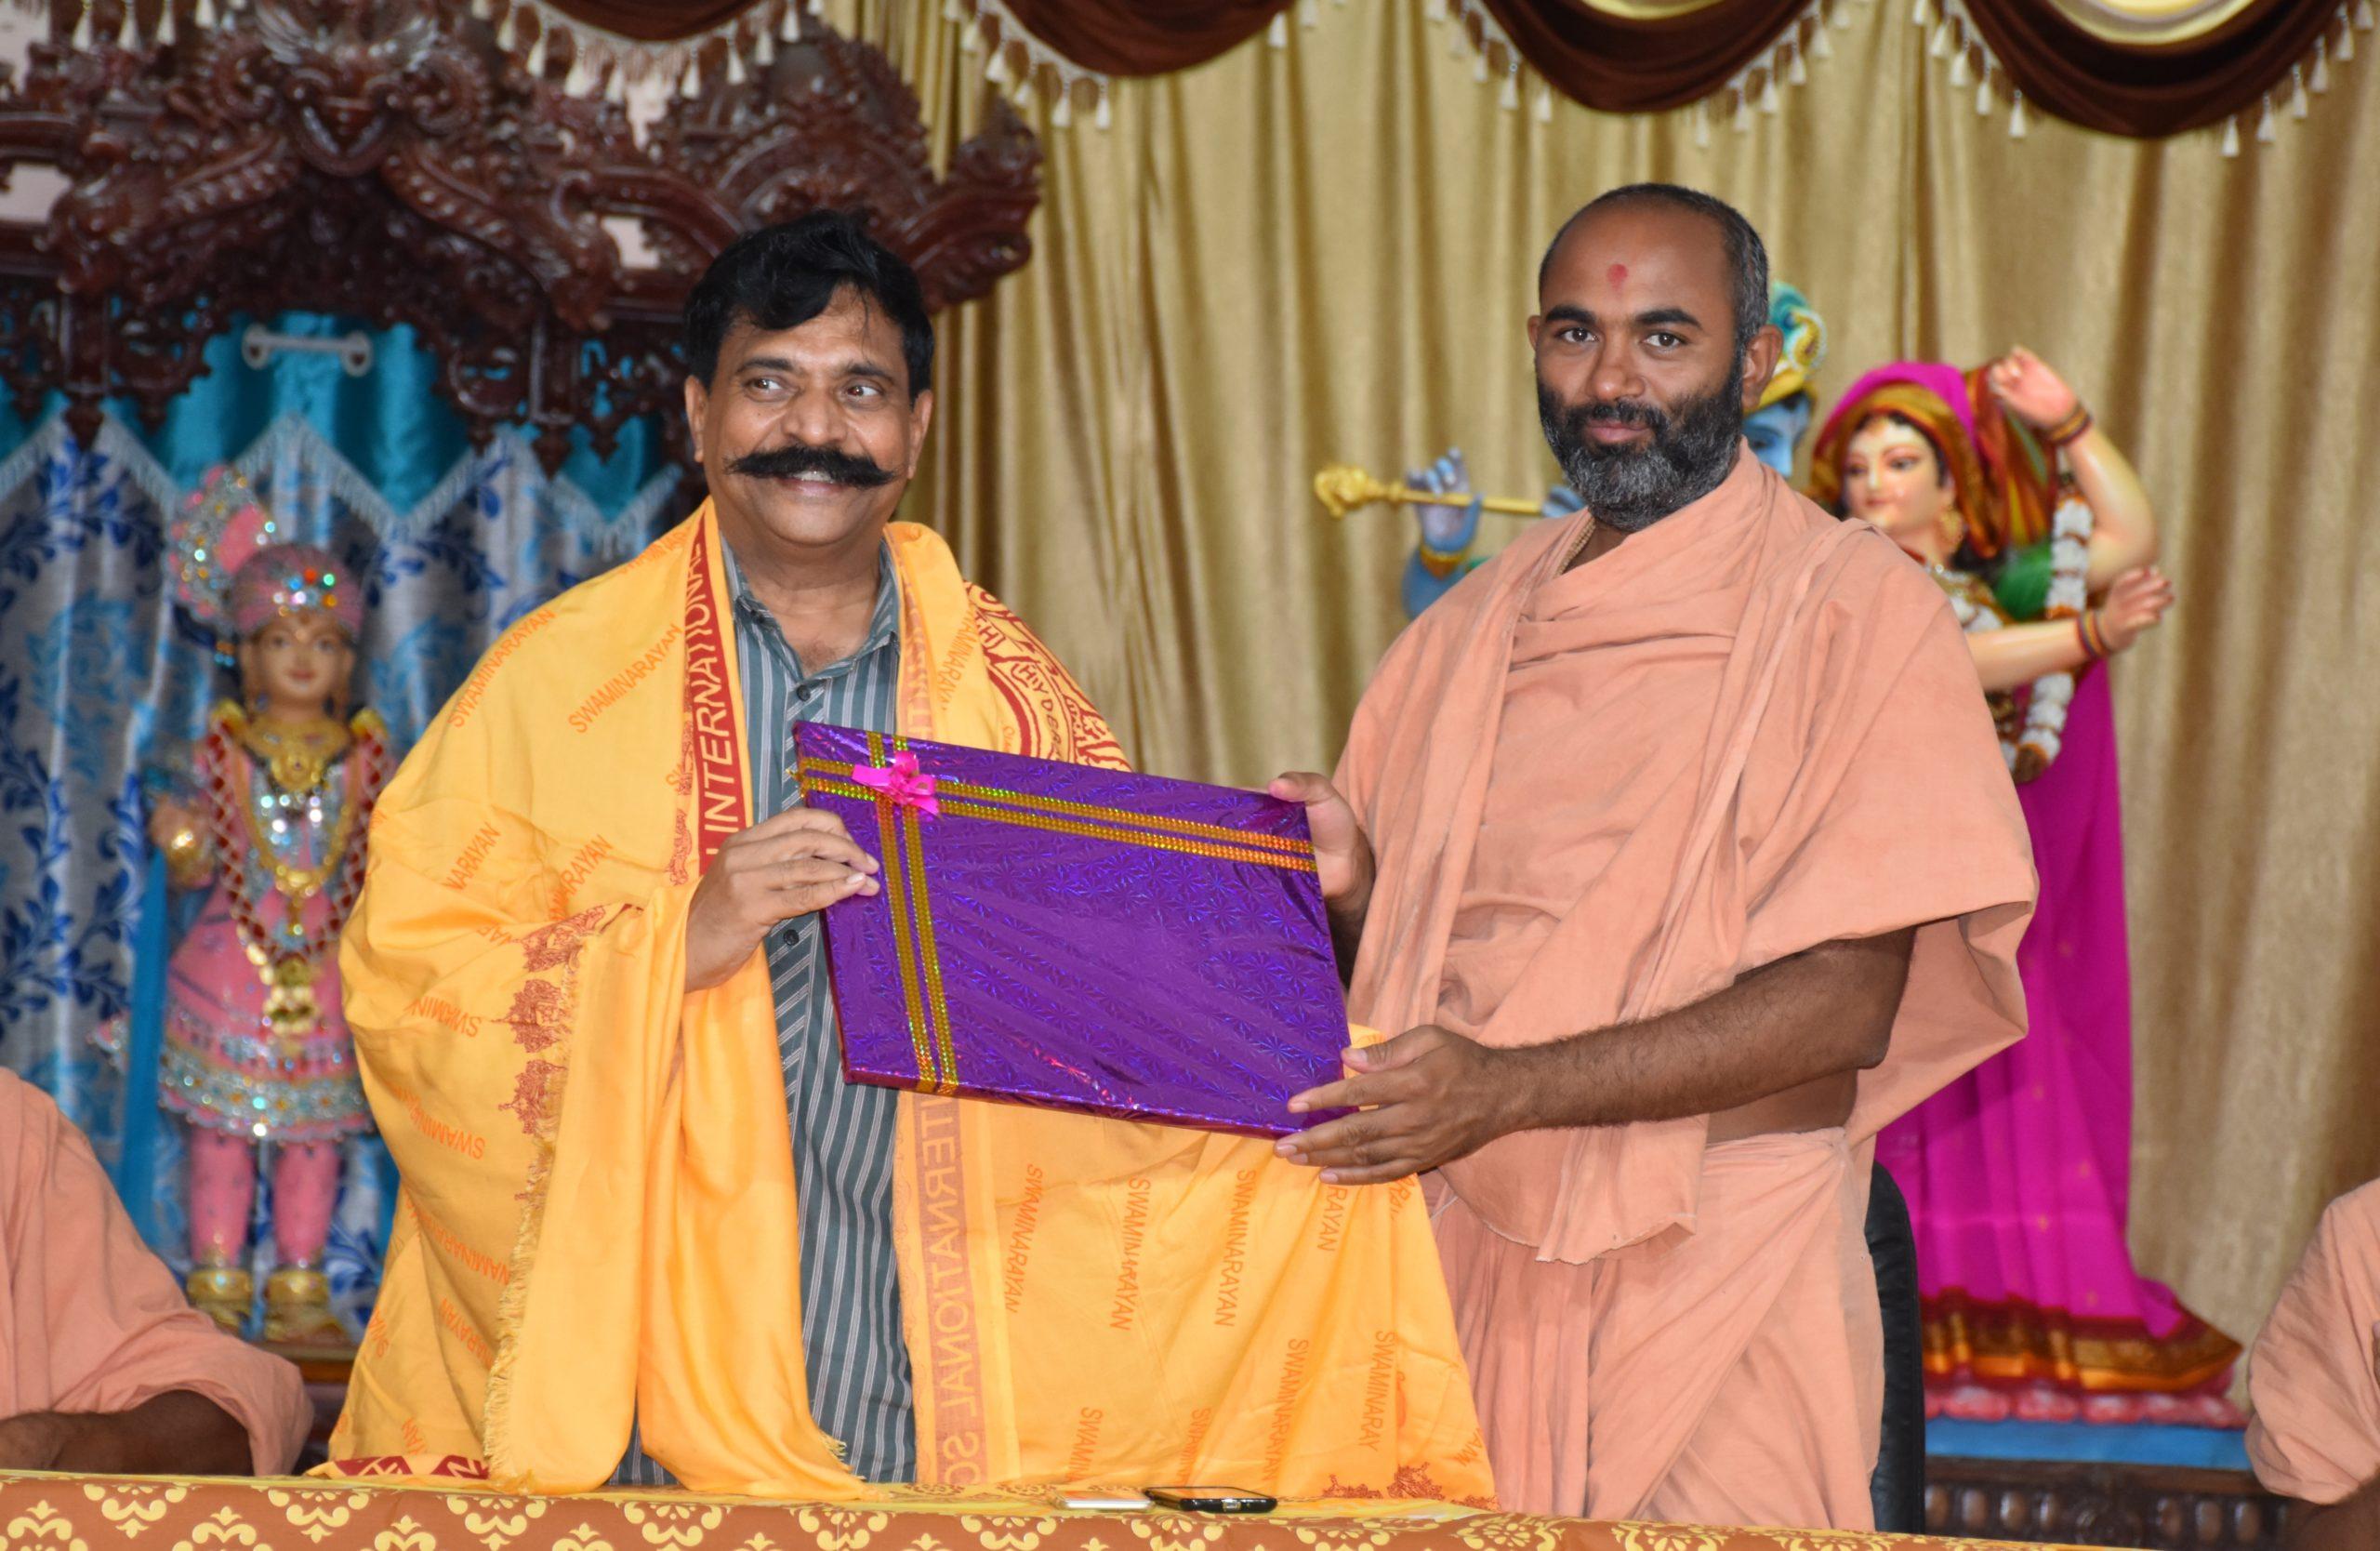 Shri CN GOPINATH REDDY